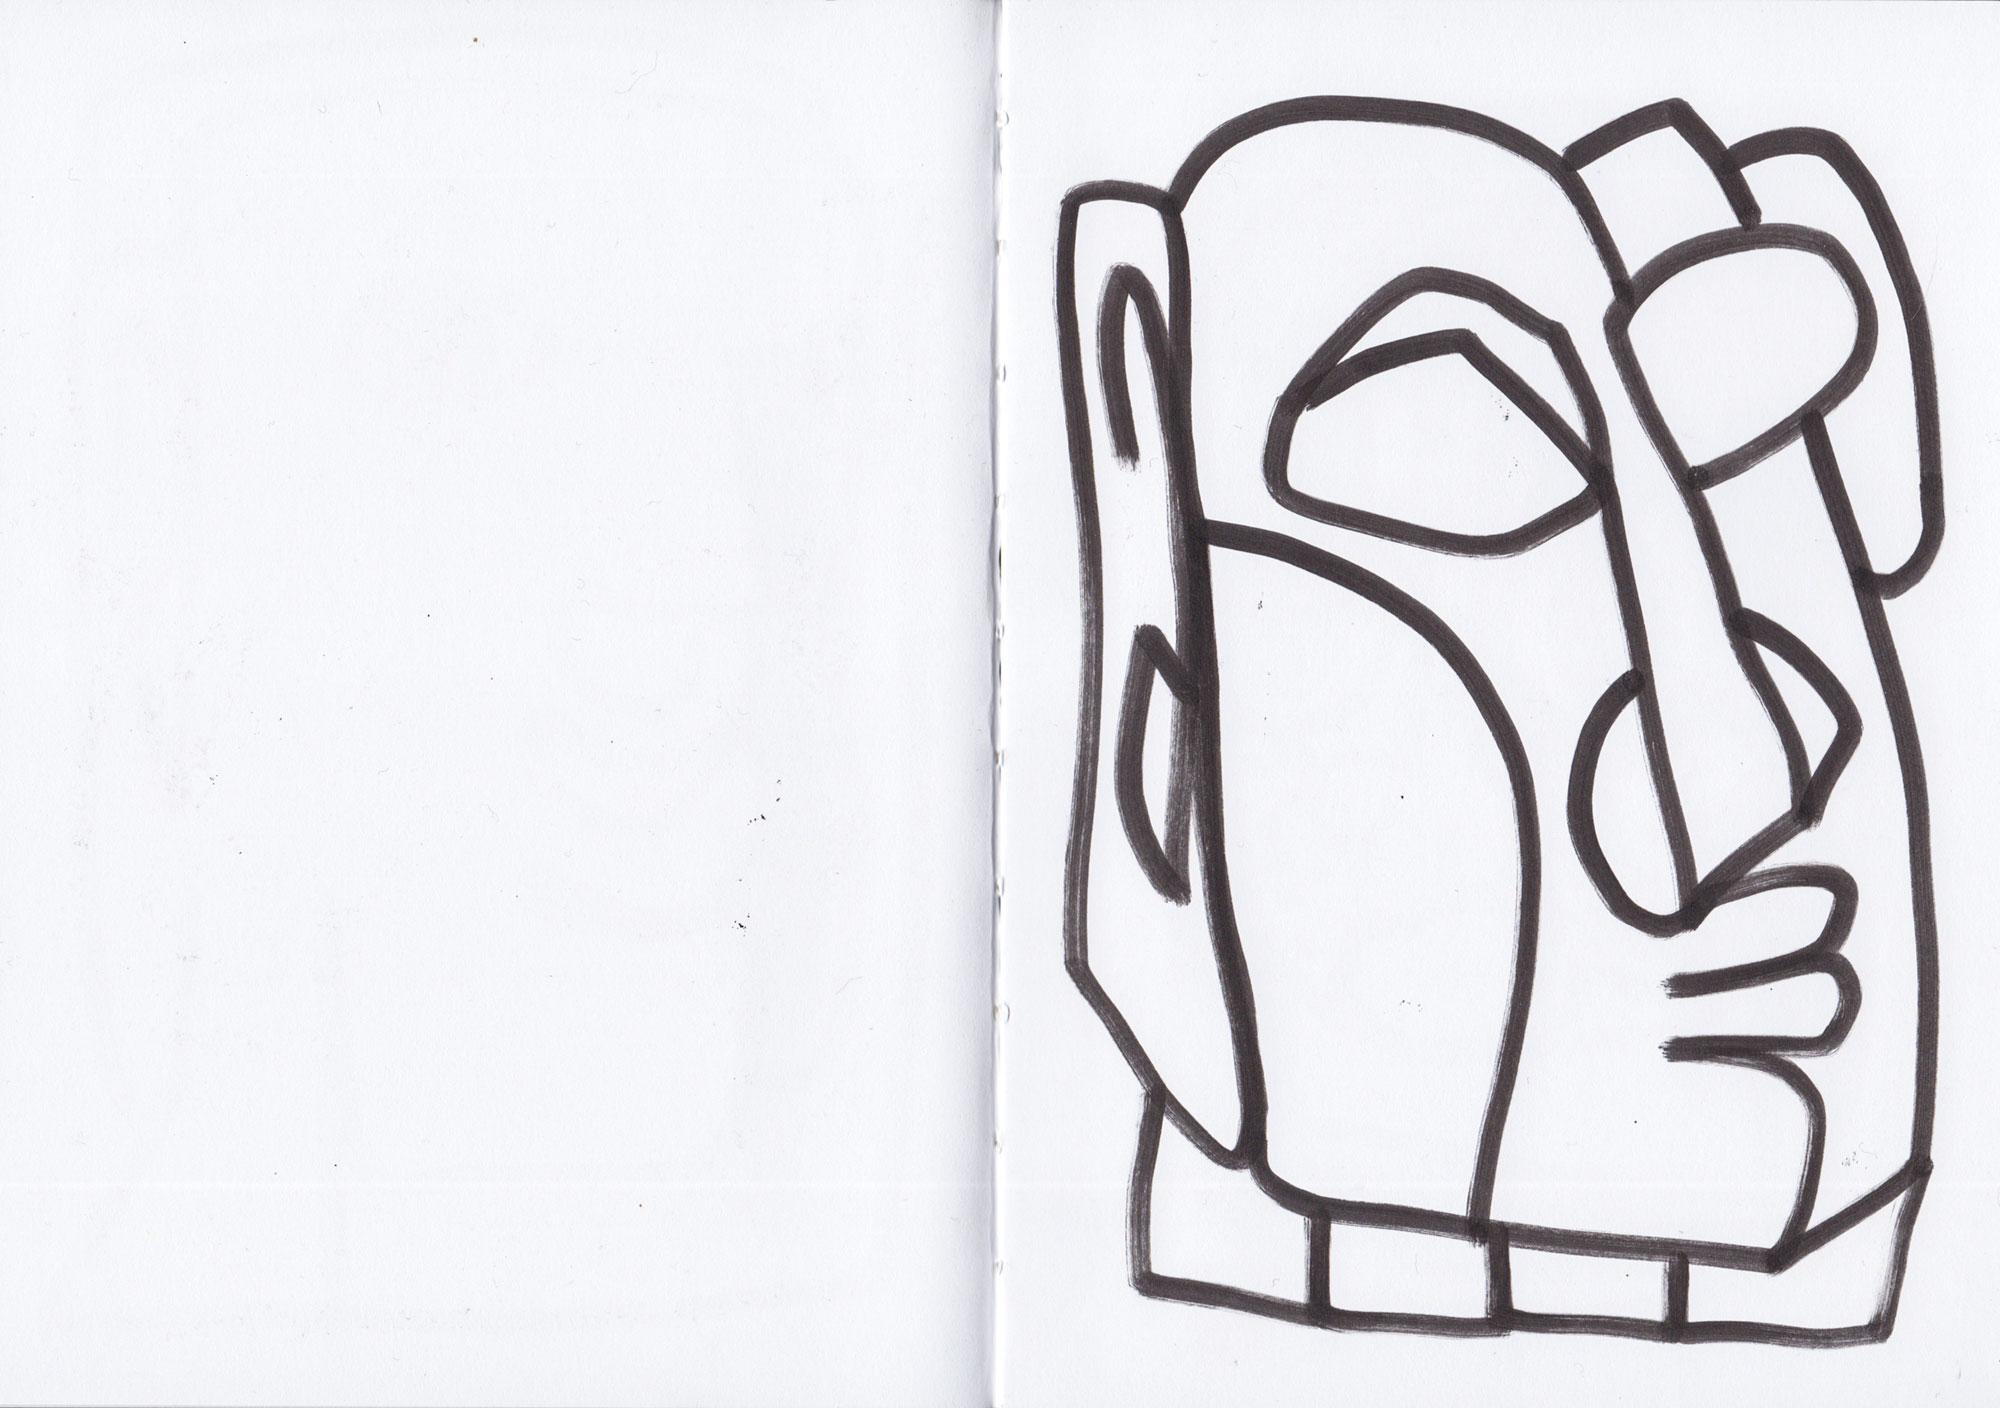 18-Scan-Book-FACES-DA-34